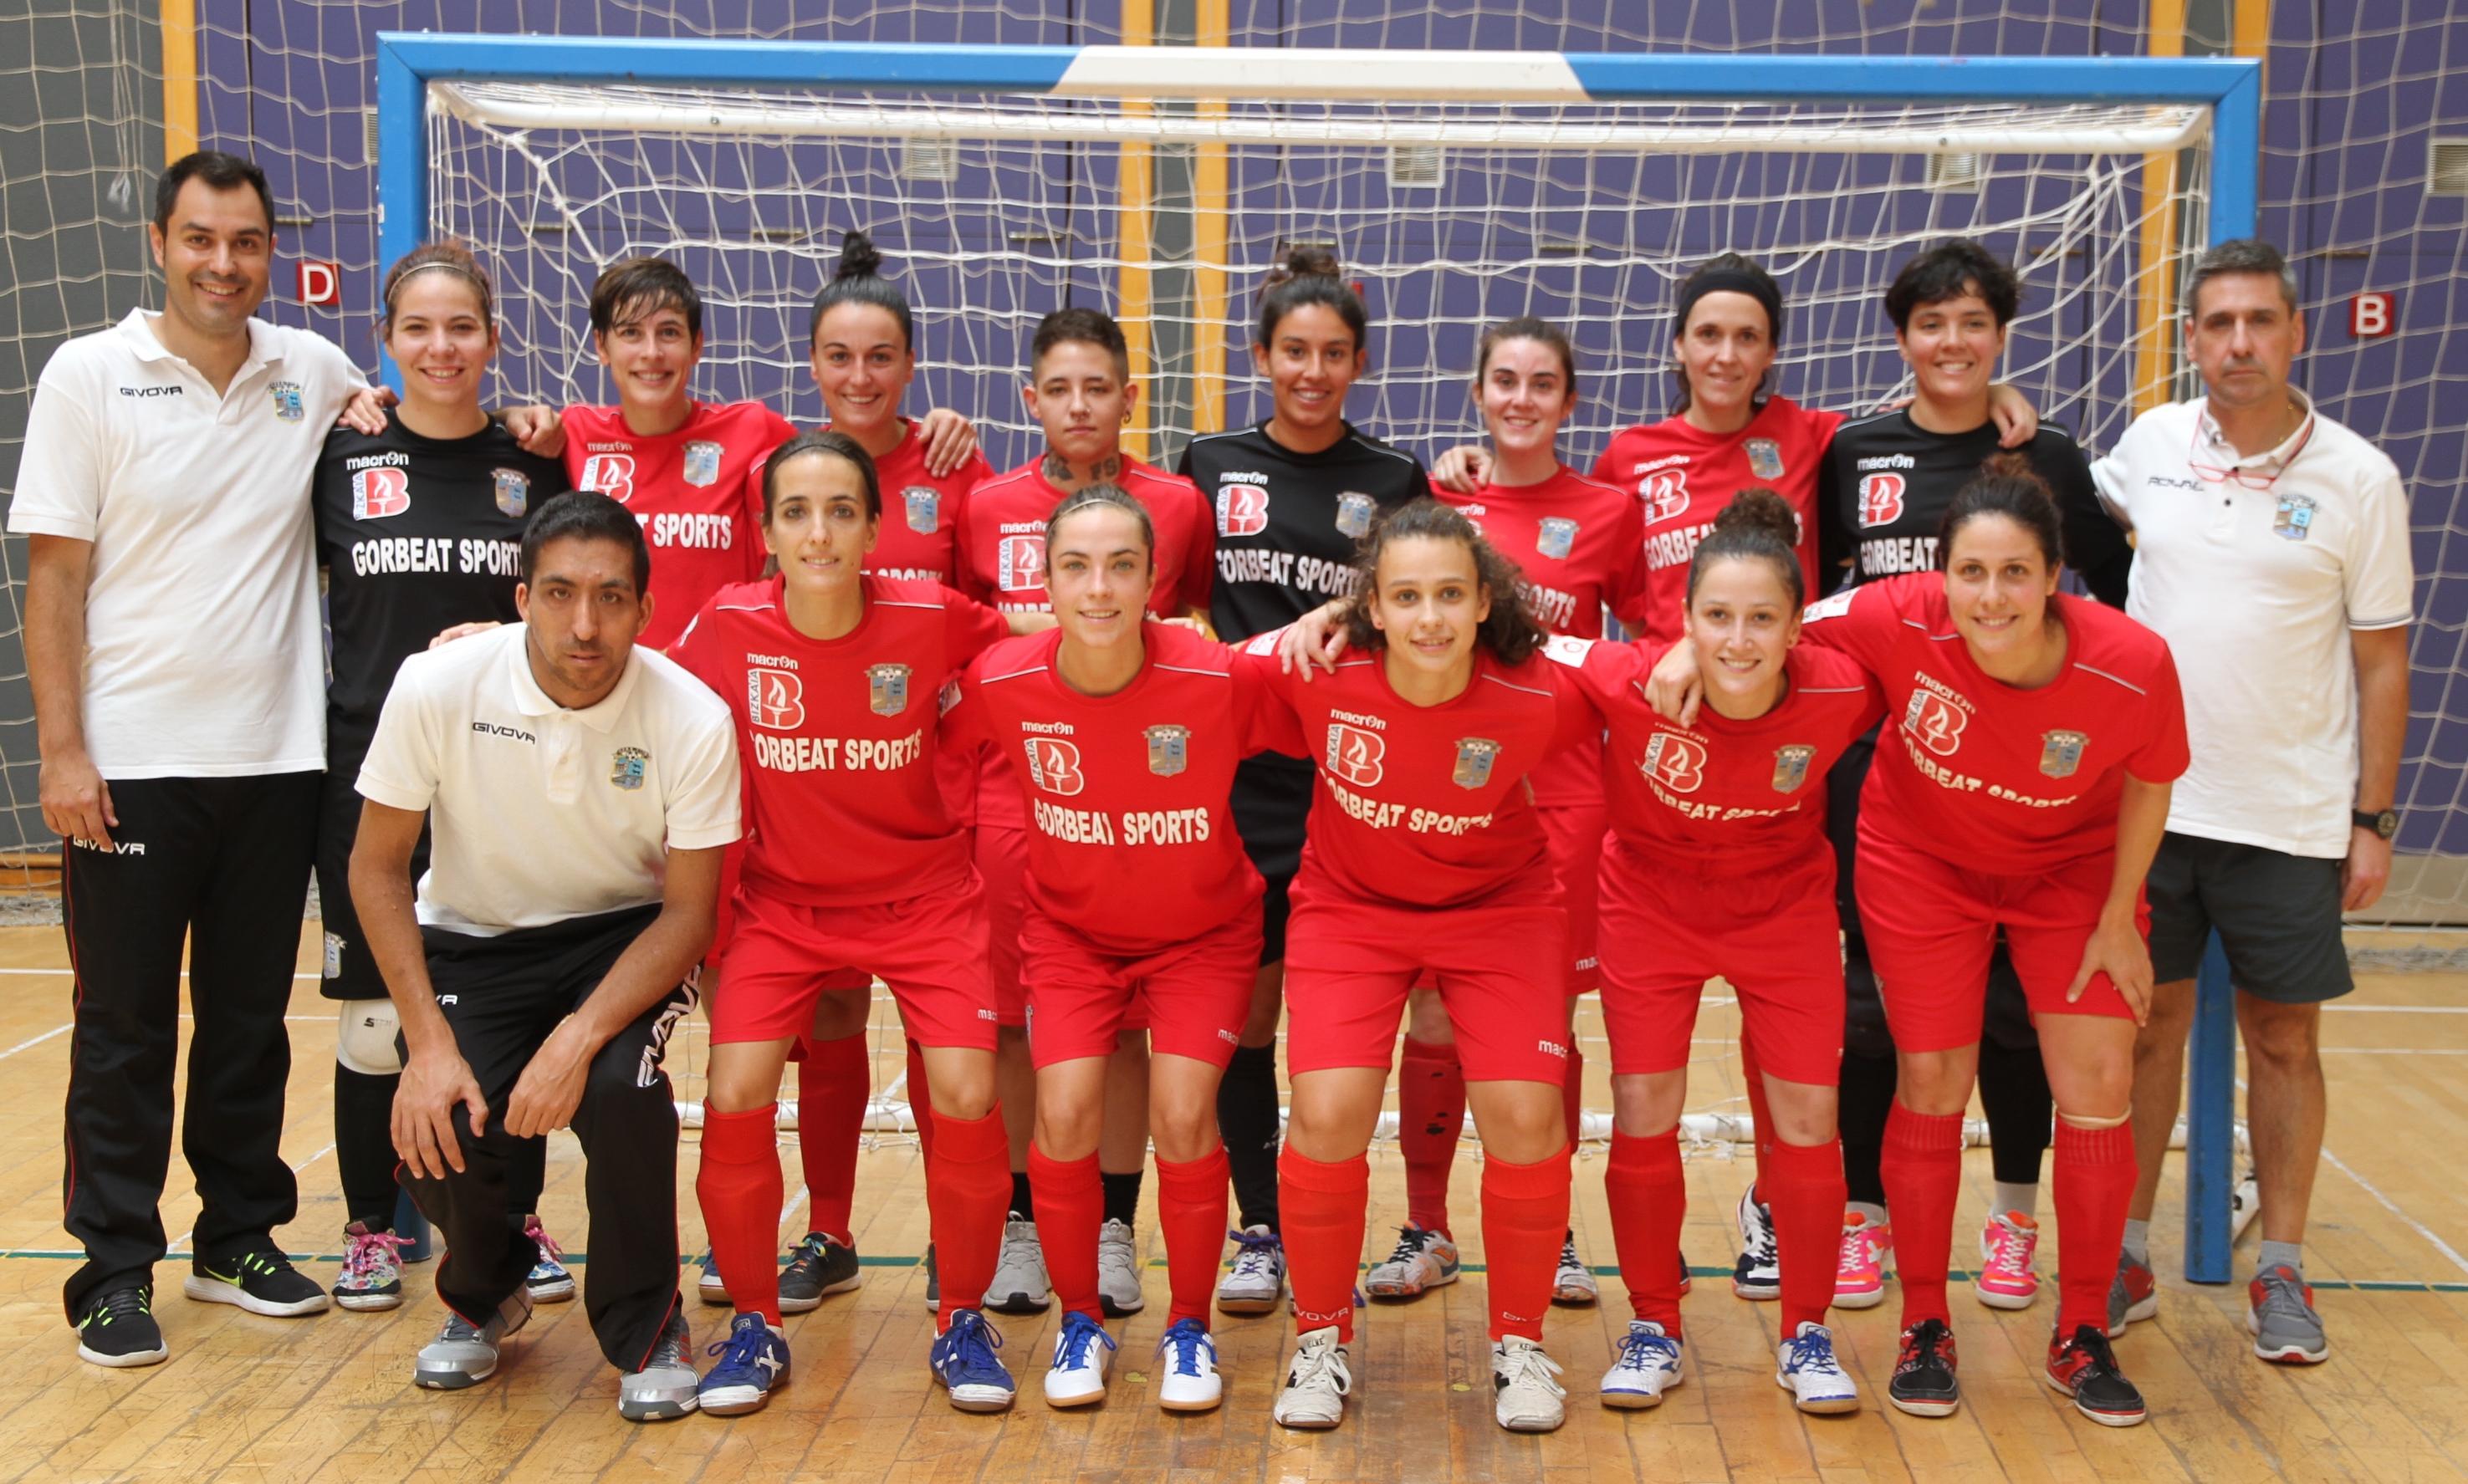 Crónica: Bilbo C.F.S Femenino - FSF Móstoles . Jornada 23ª. 1ª División. de Fútbol Sala Femenino